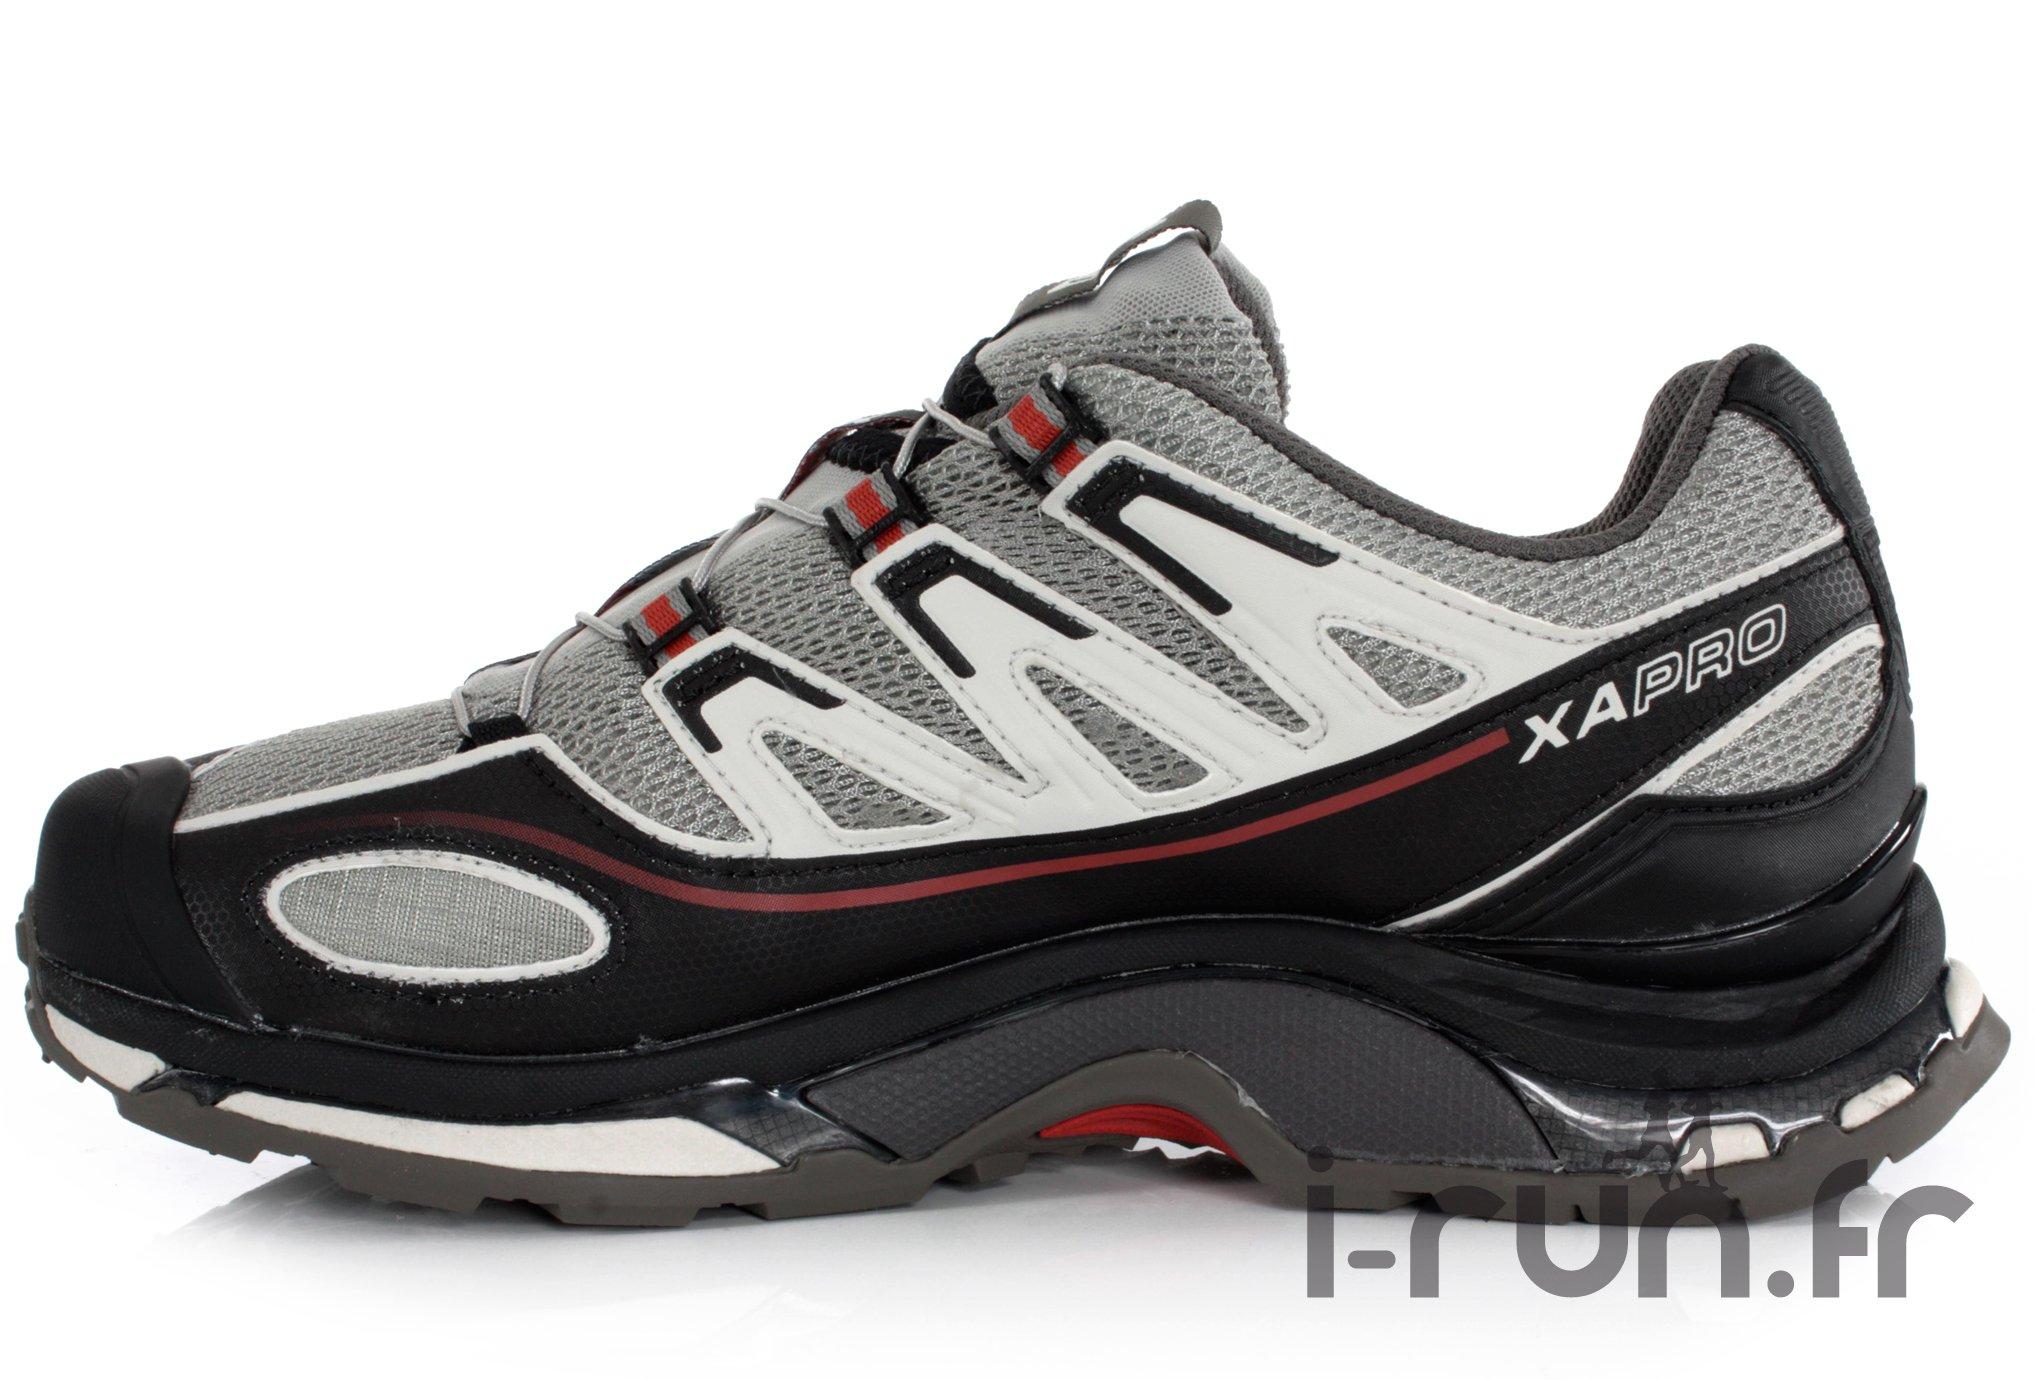 Salomon Chaussures Trail 5 Xa Pro Tcu1lFKJ35